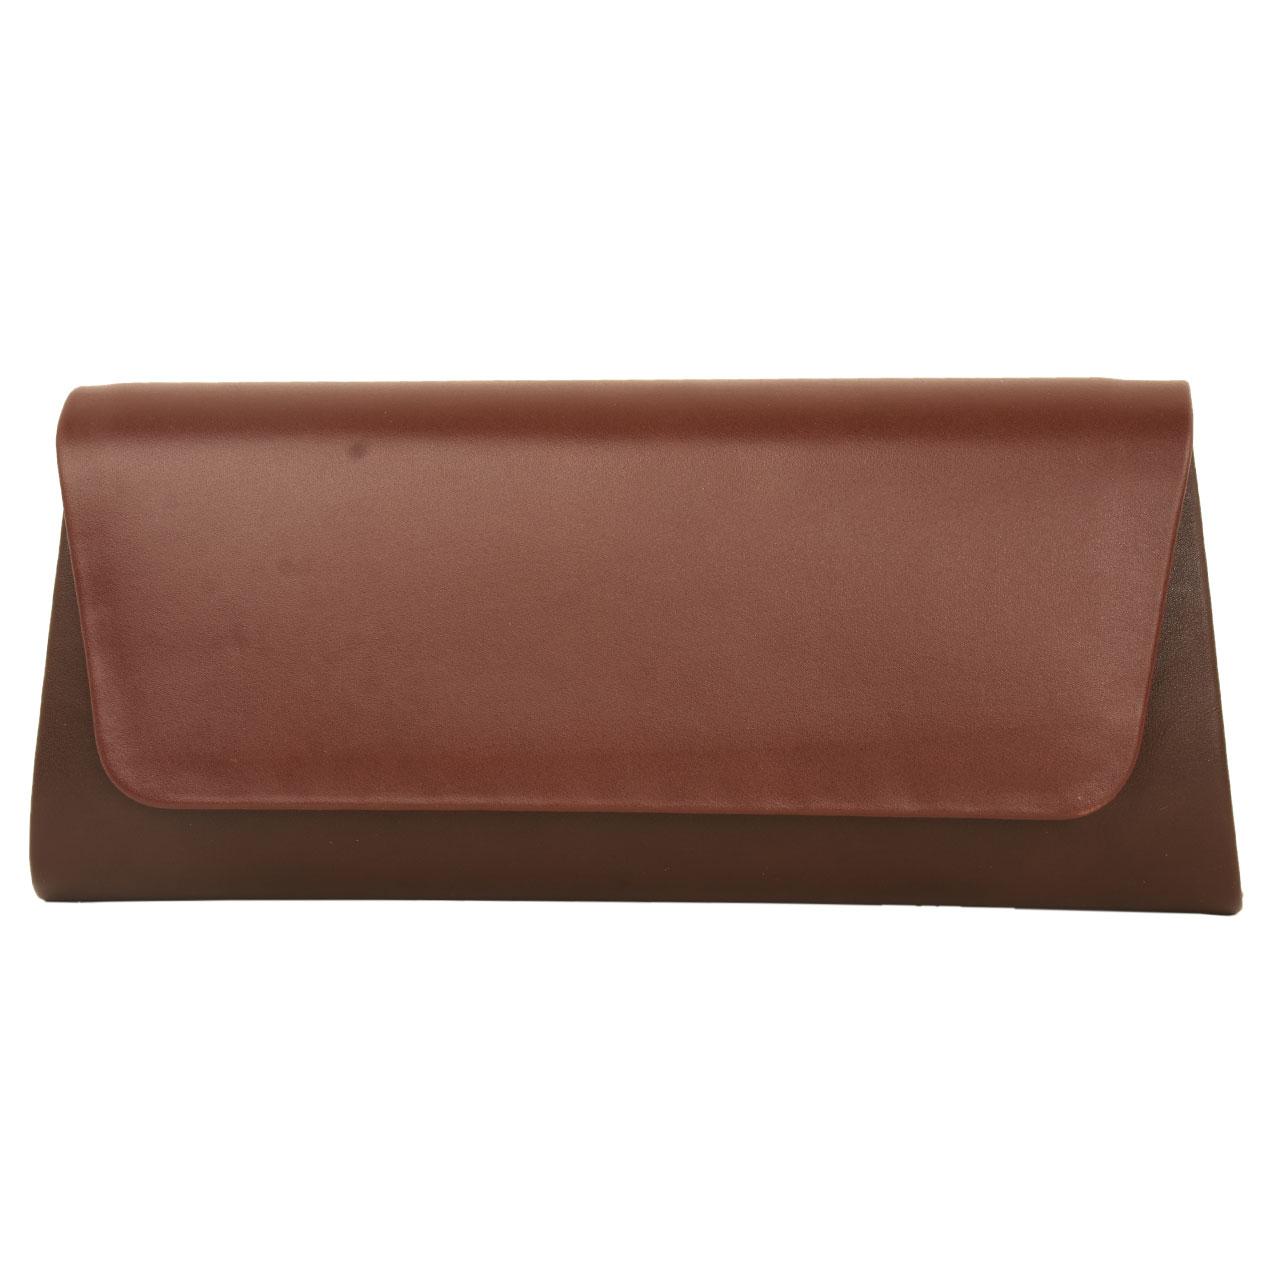 کیف دستی زنانه پارینه مدل PlV127-12-1543